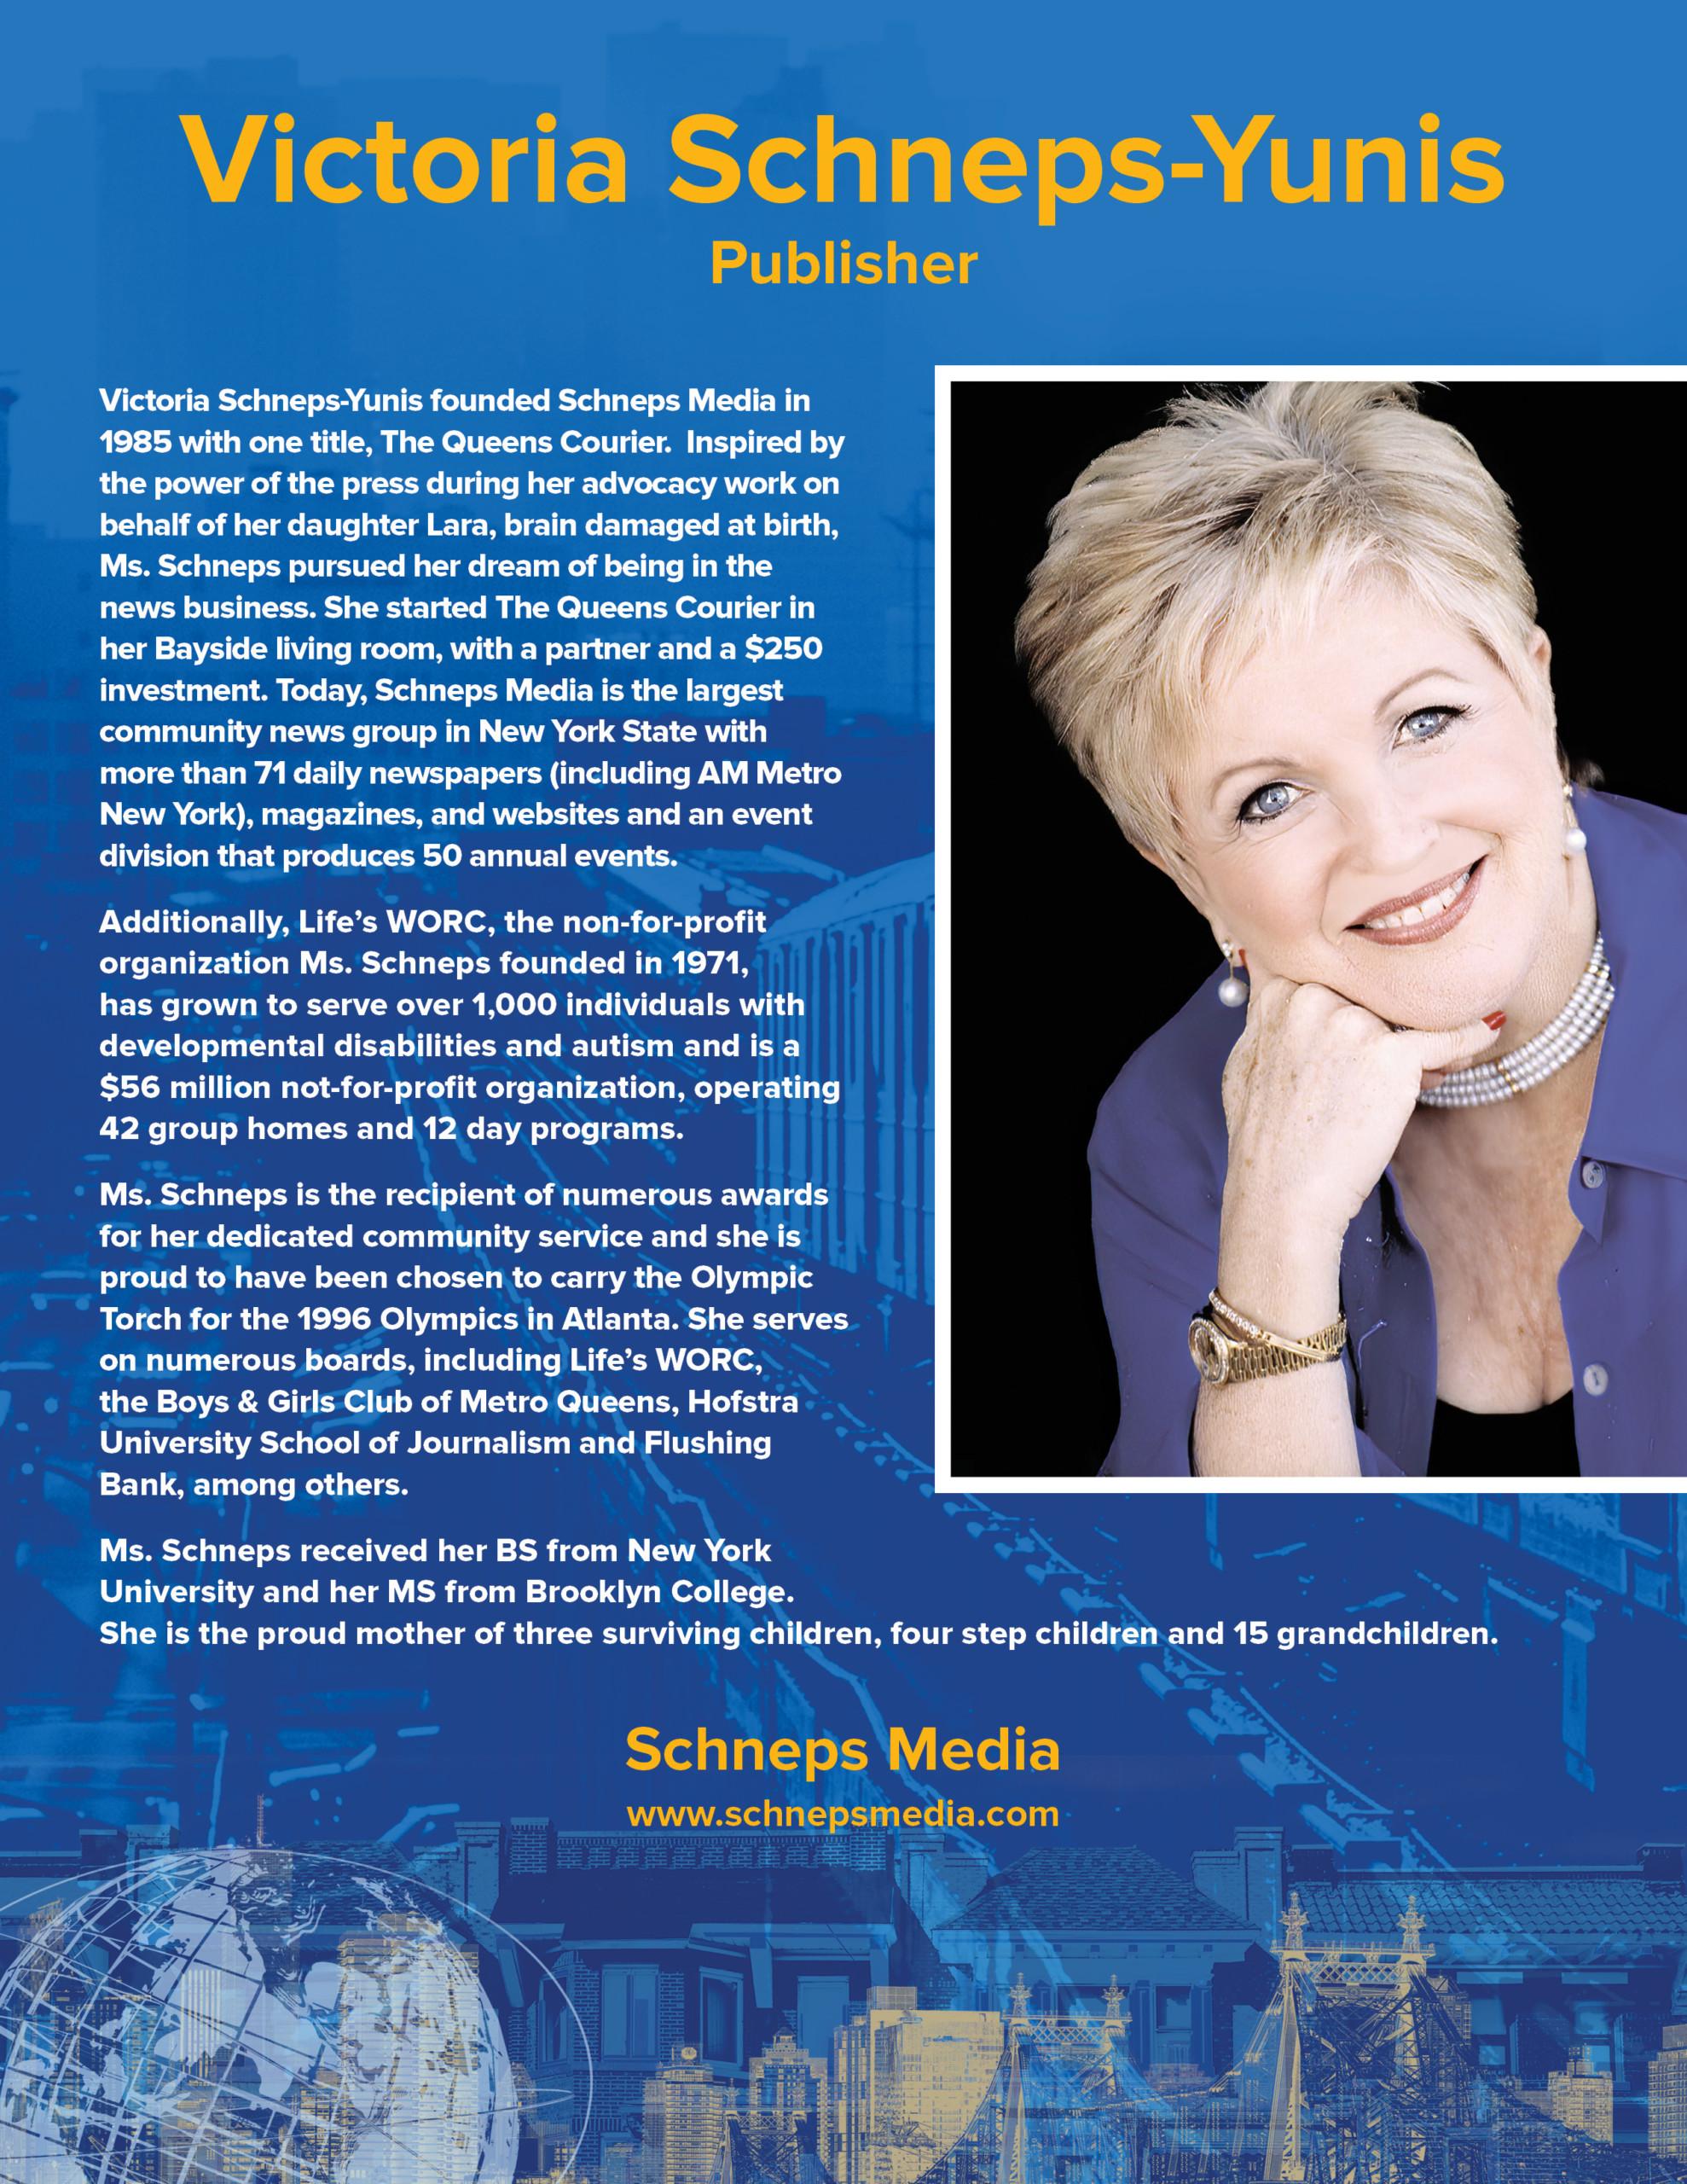 Victoria Schneps-Yunis, Founder Schneps Media